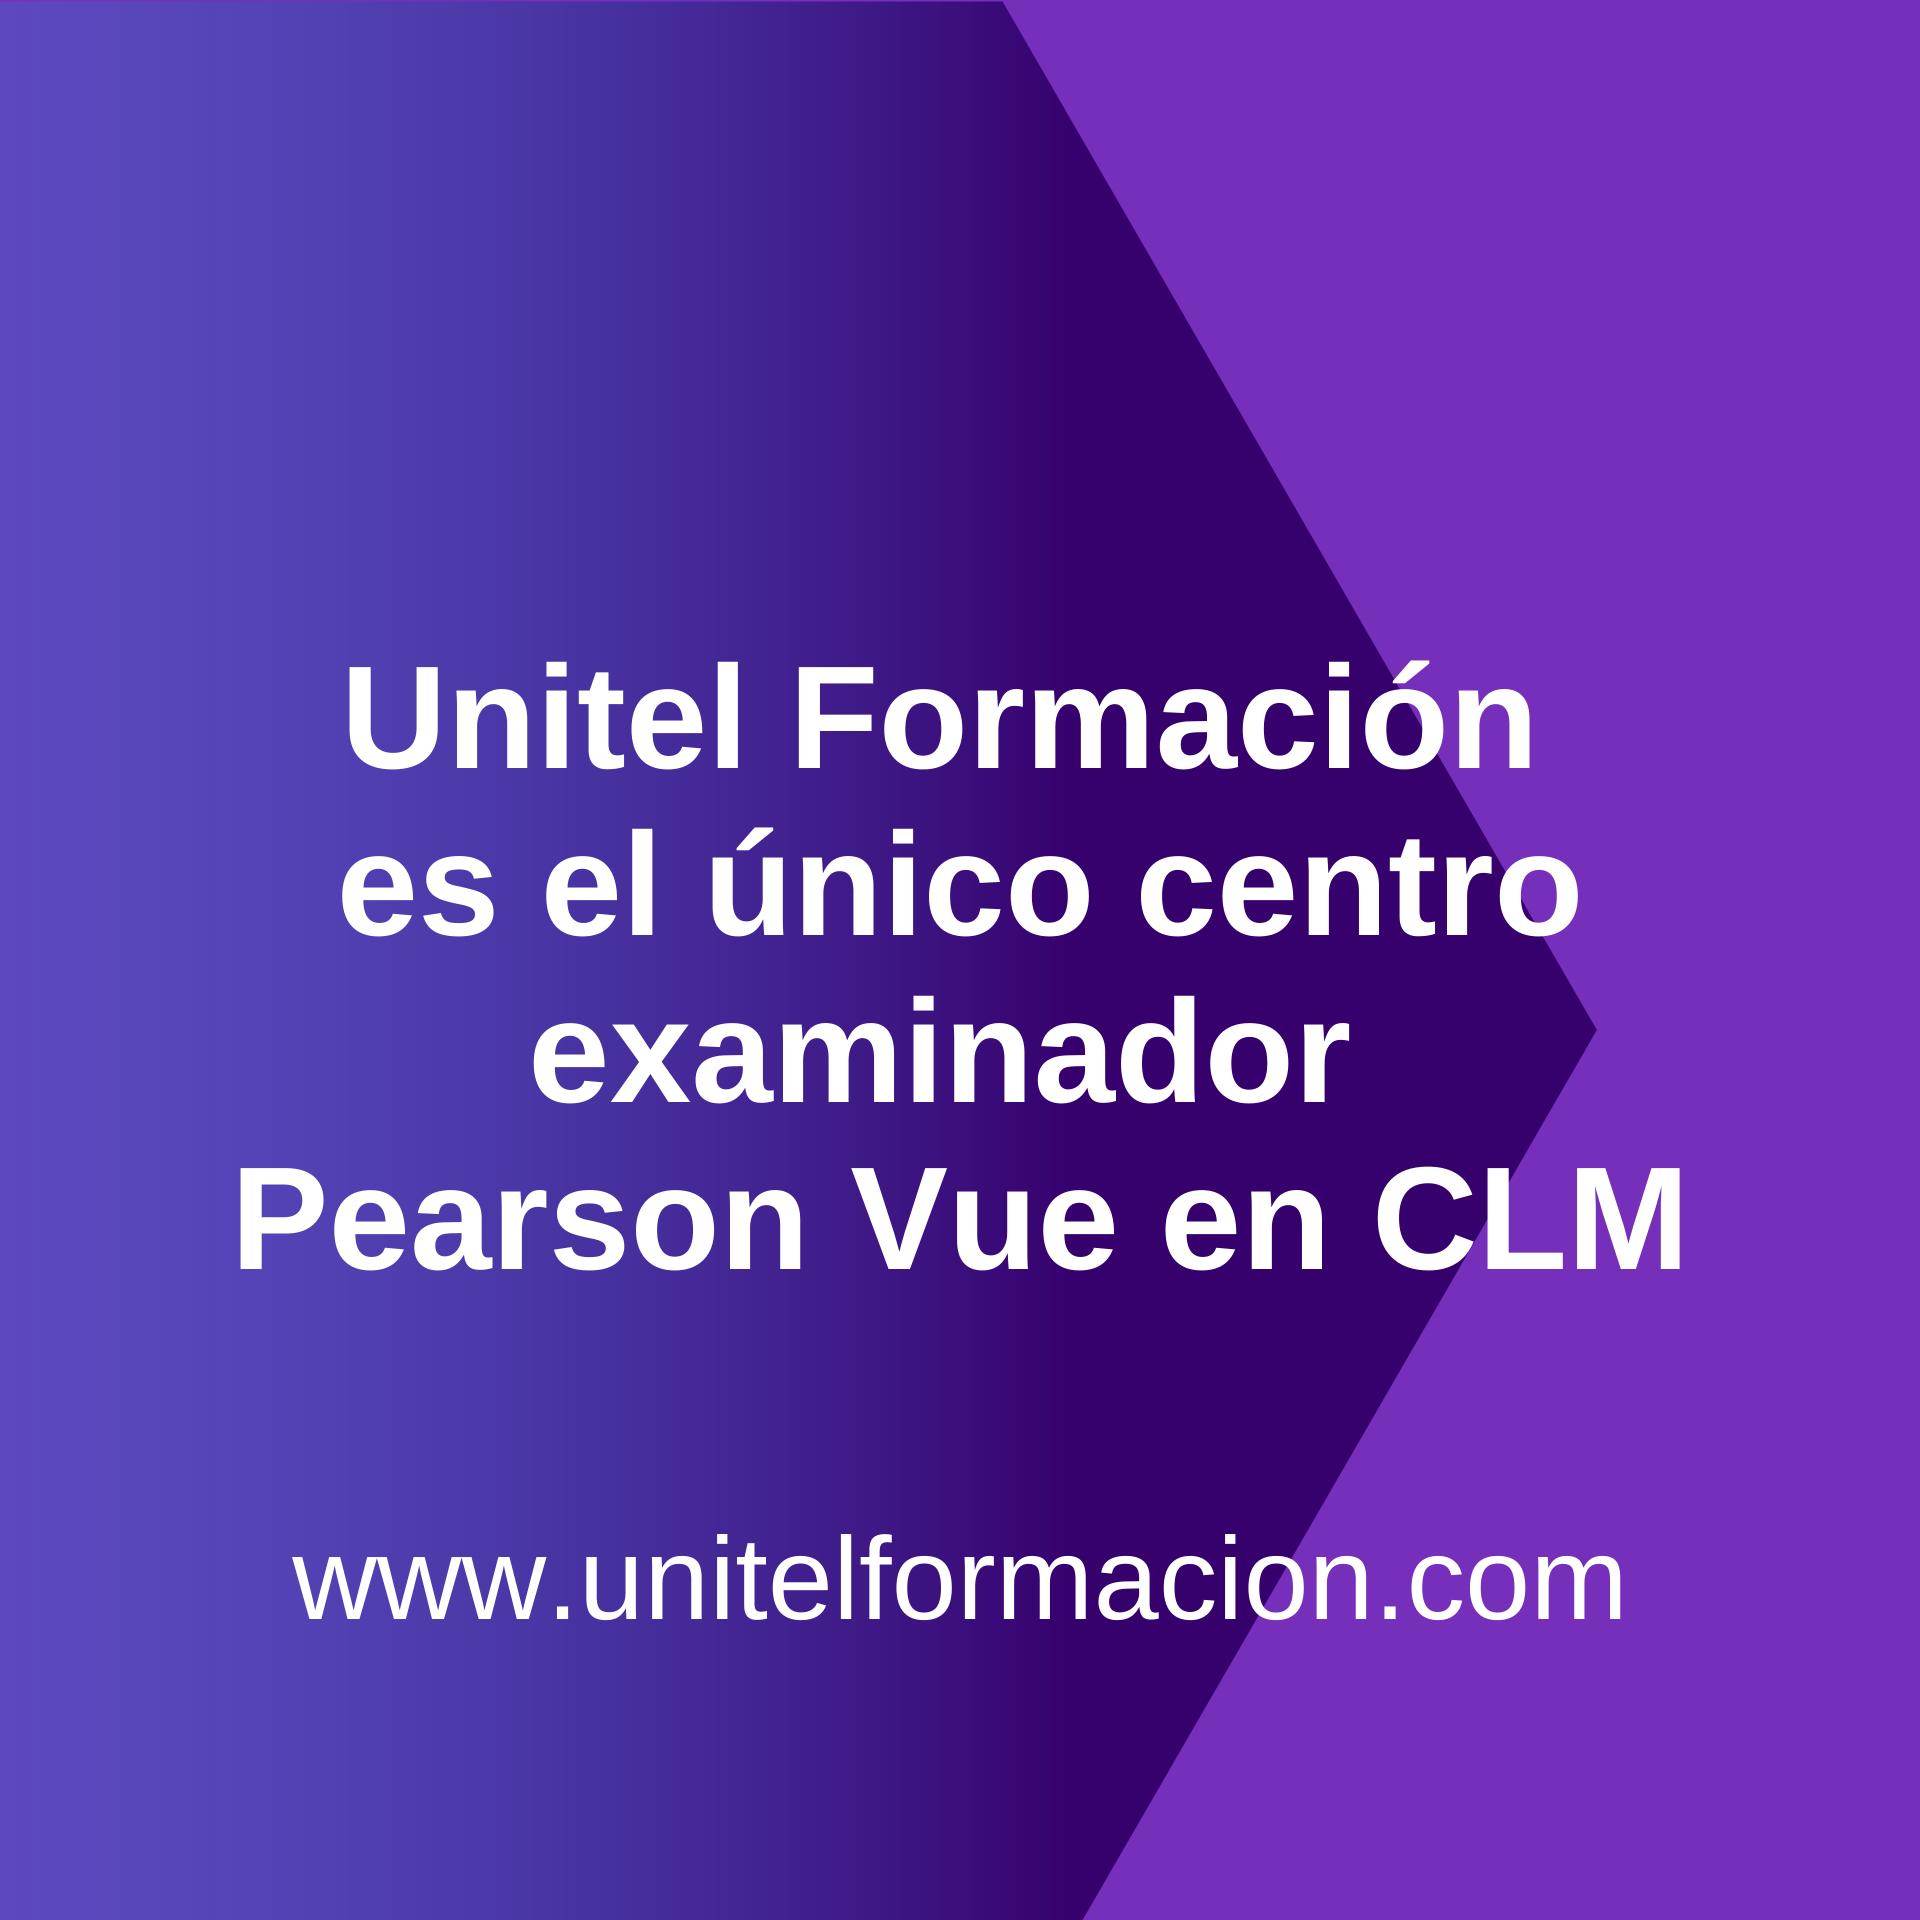 Unitel Formacion unico centro examinador Pearson Vue